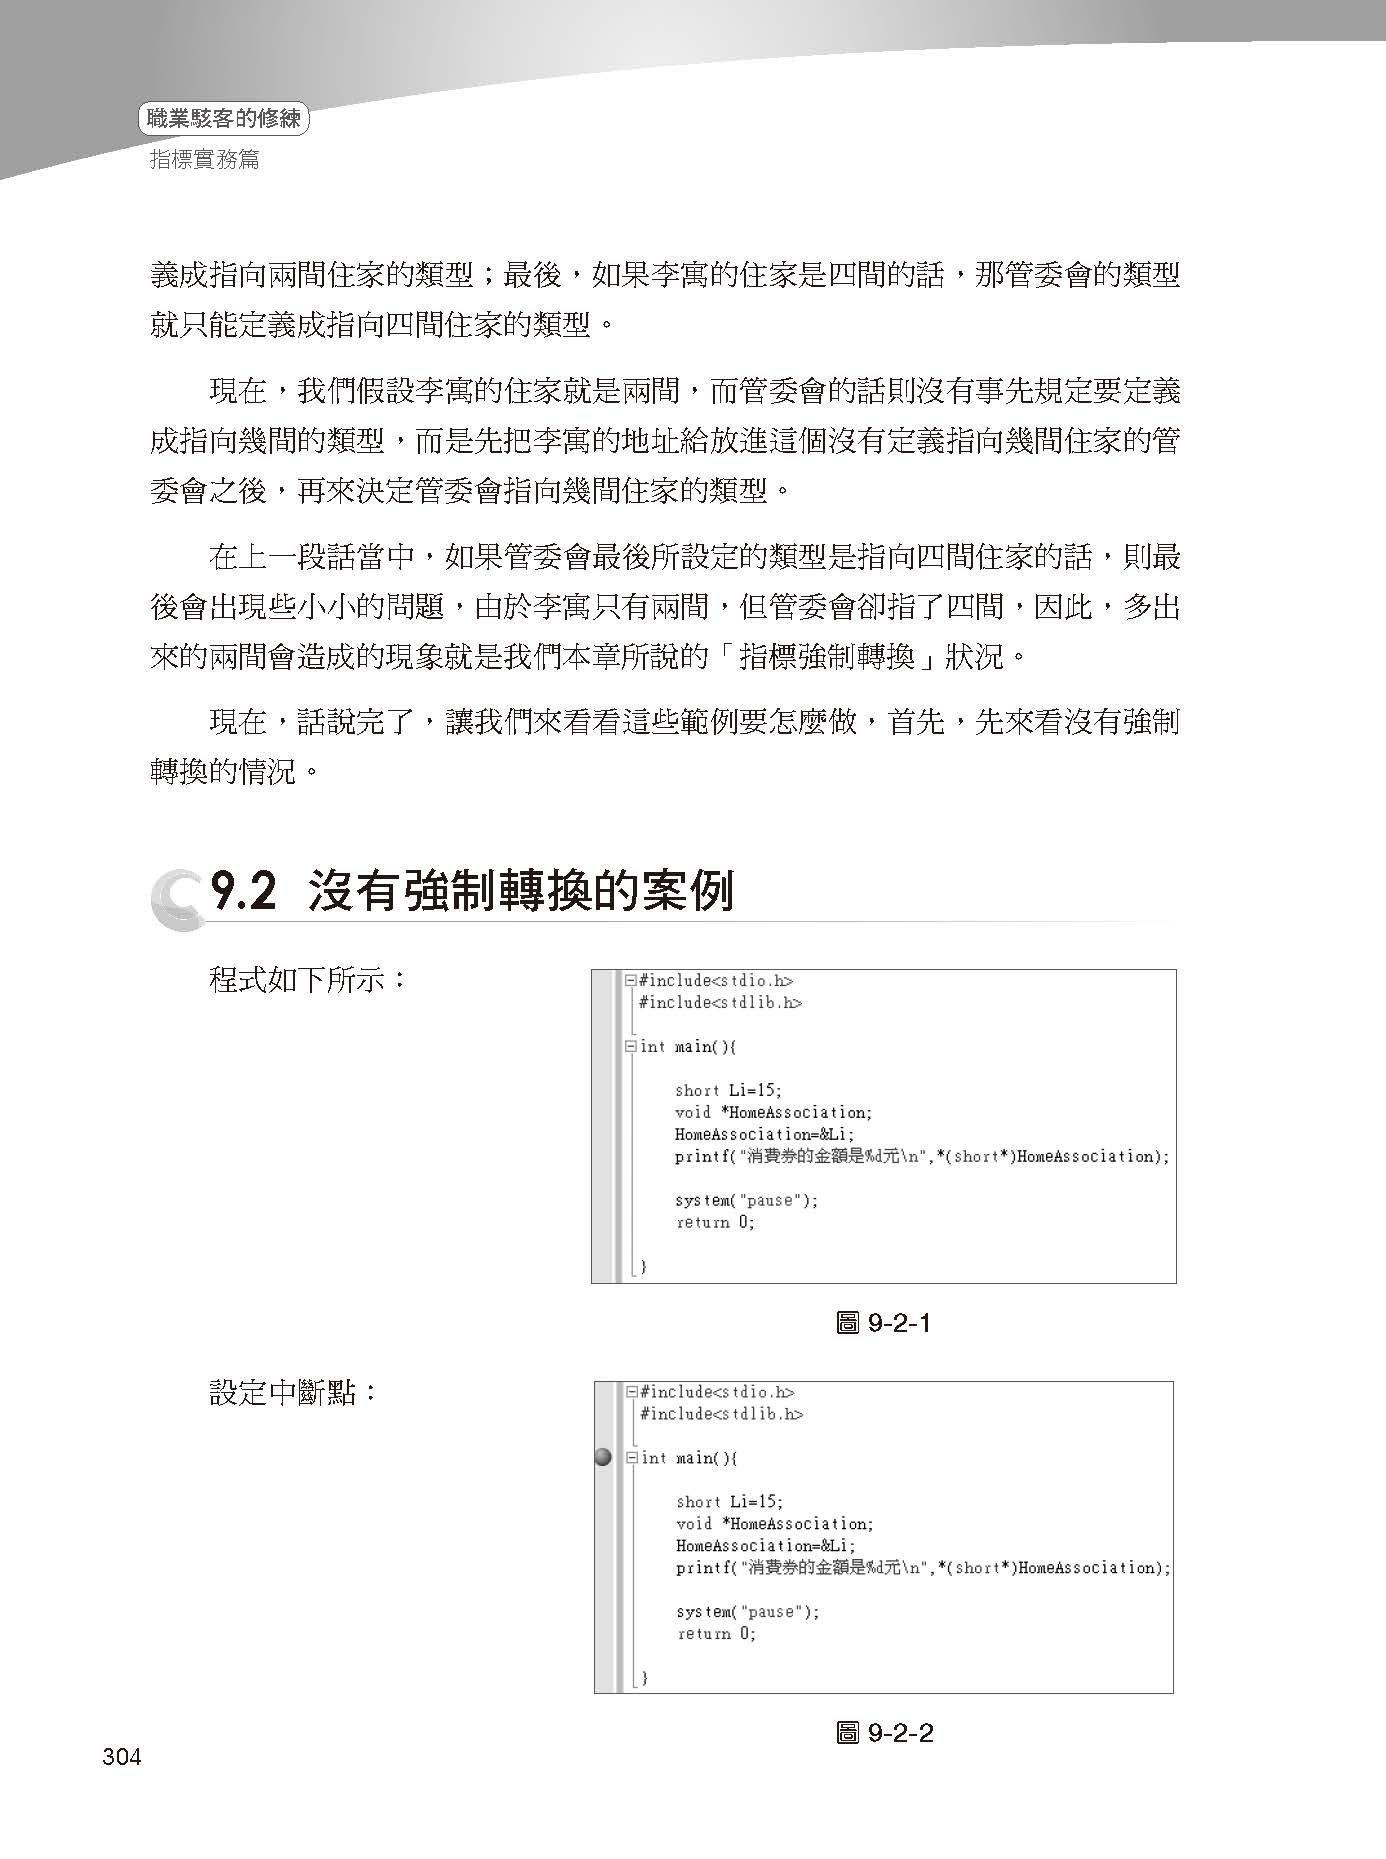 職業駭客的修練─指標實務篇 : 從門外漢到職業駭客的最短路程,收錄作者心得-preview-7